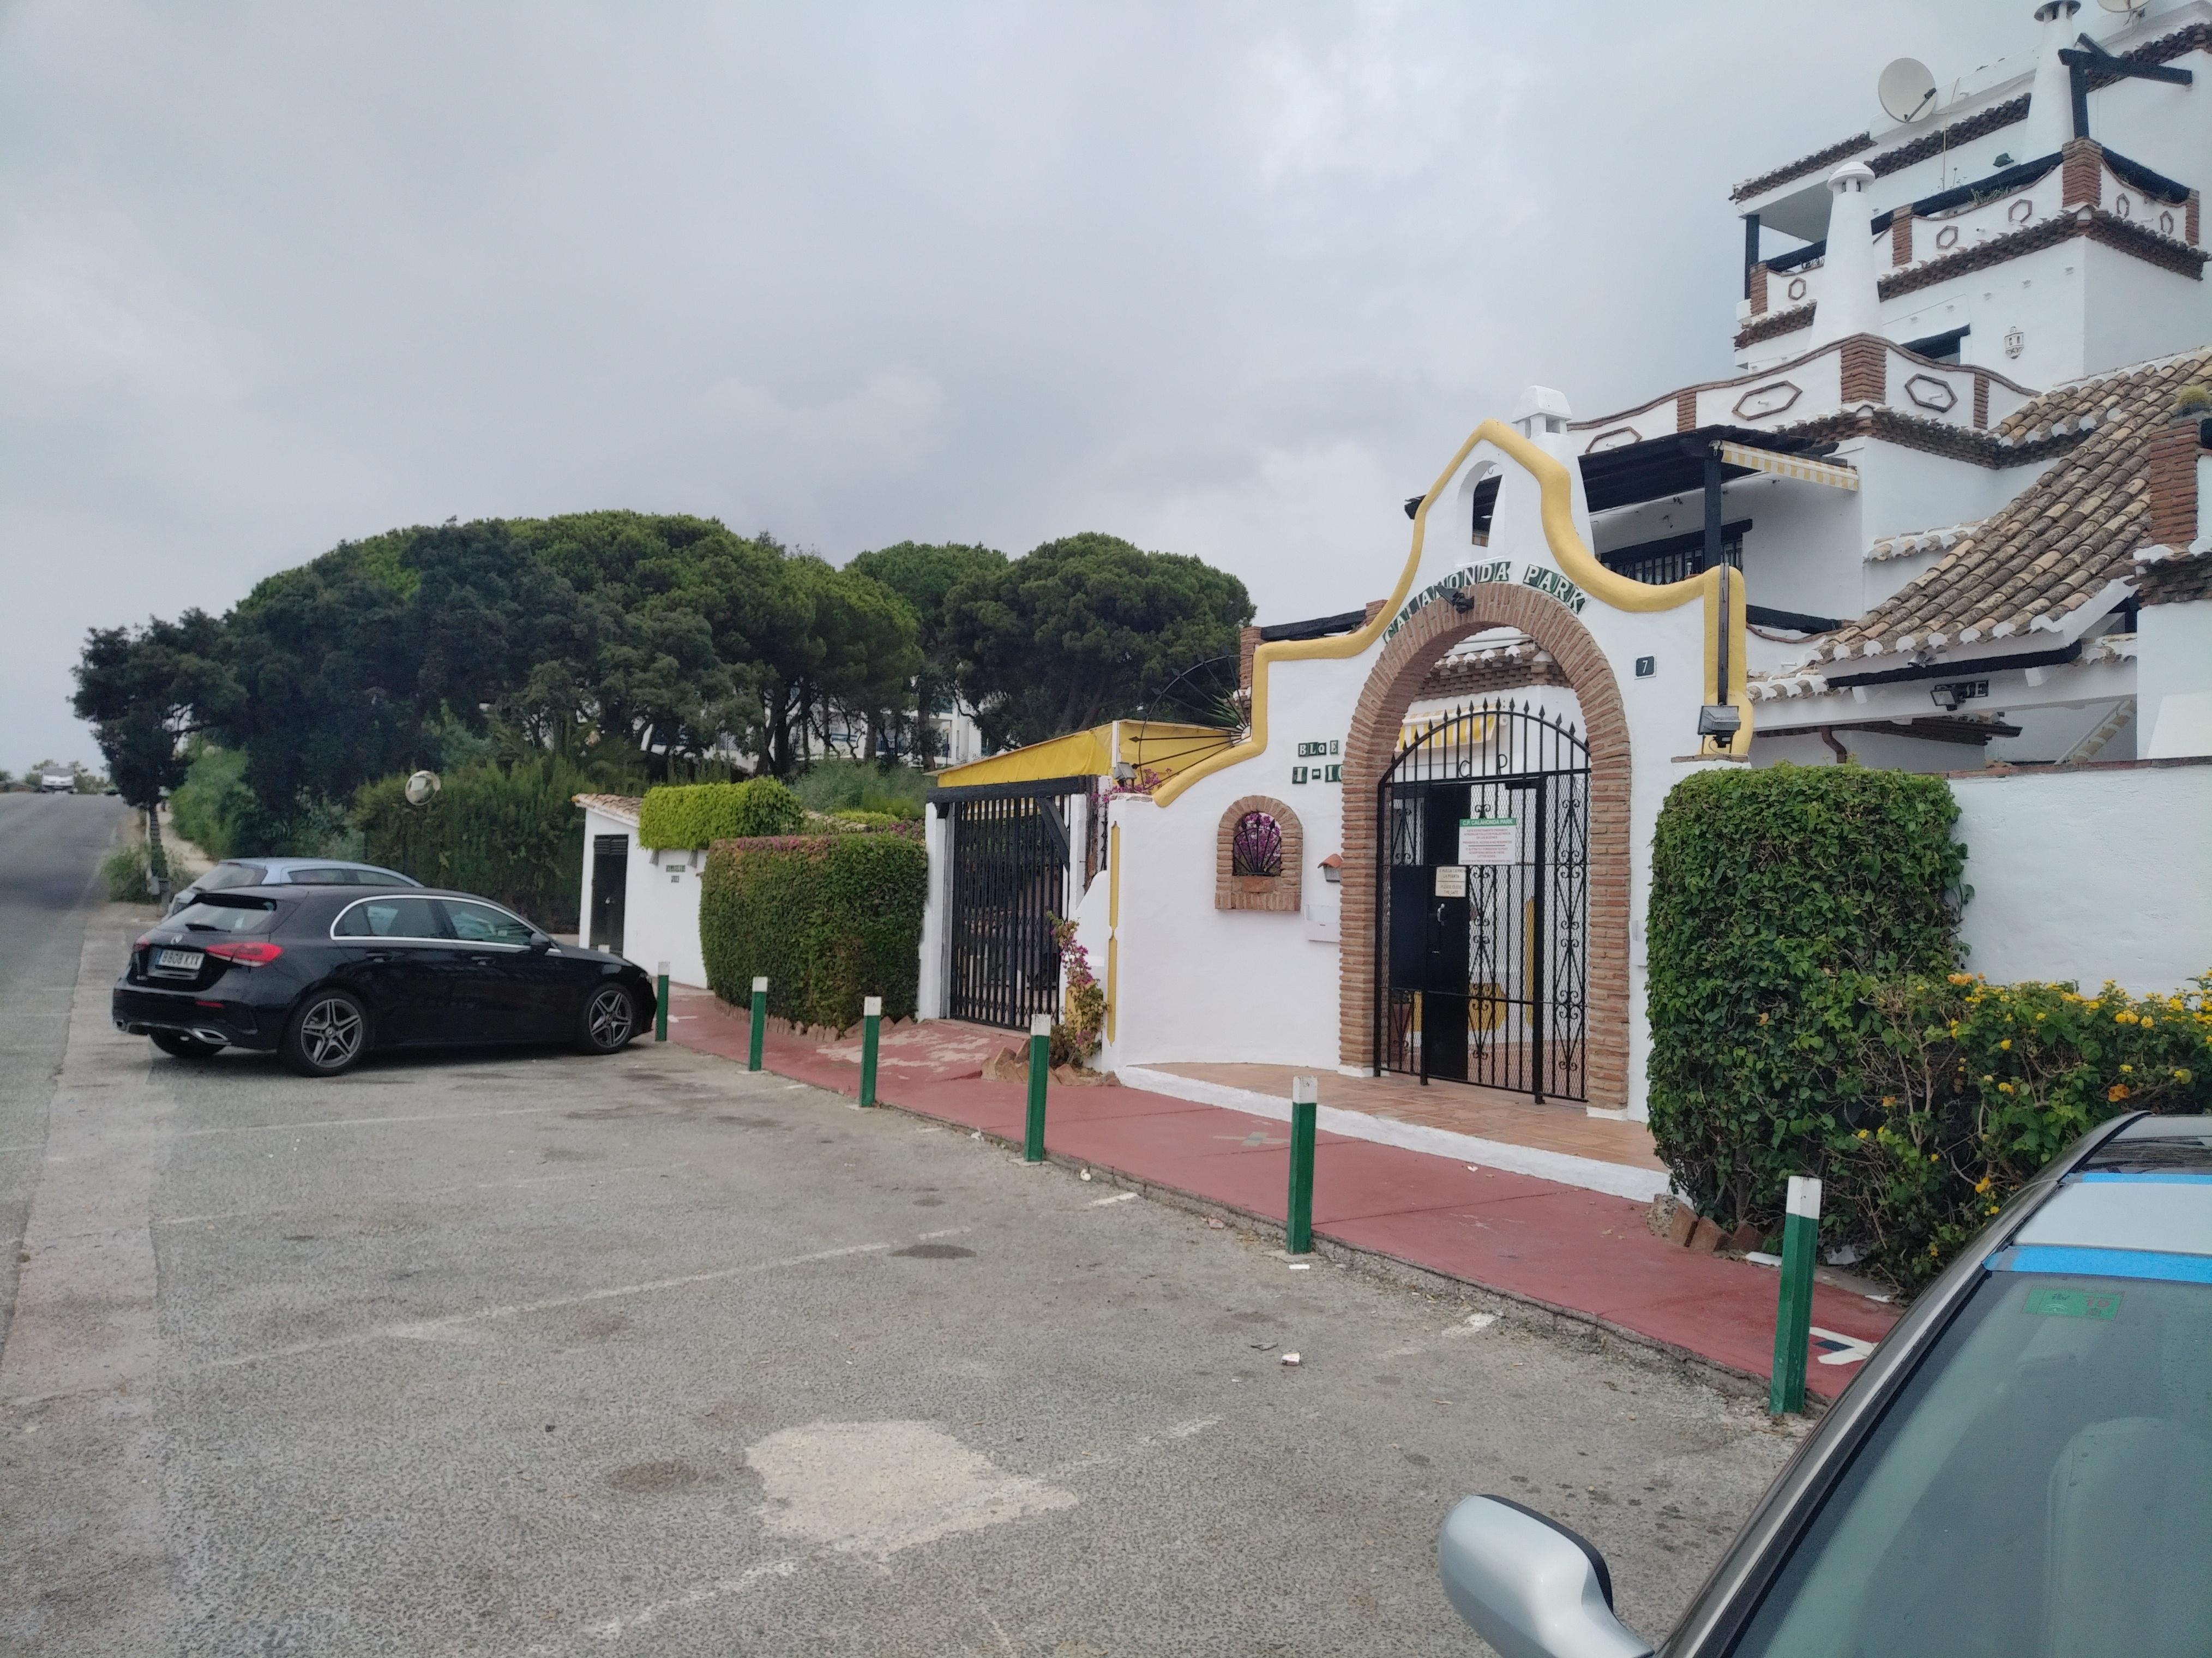 Piso en venta en Urbanización Sitio de Calahonda, Mijas, Málaga, Carretera Nacional N-340, 149.000 €, 2 habitaciones, 2 baños, 107 m2